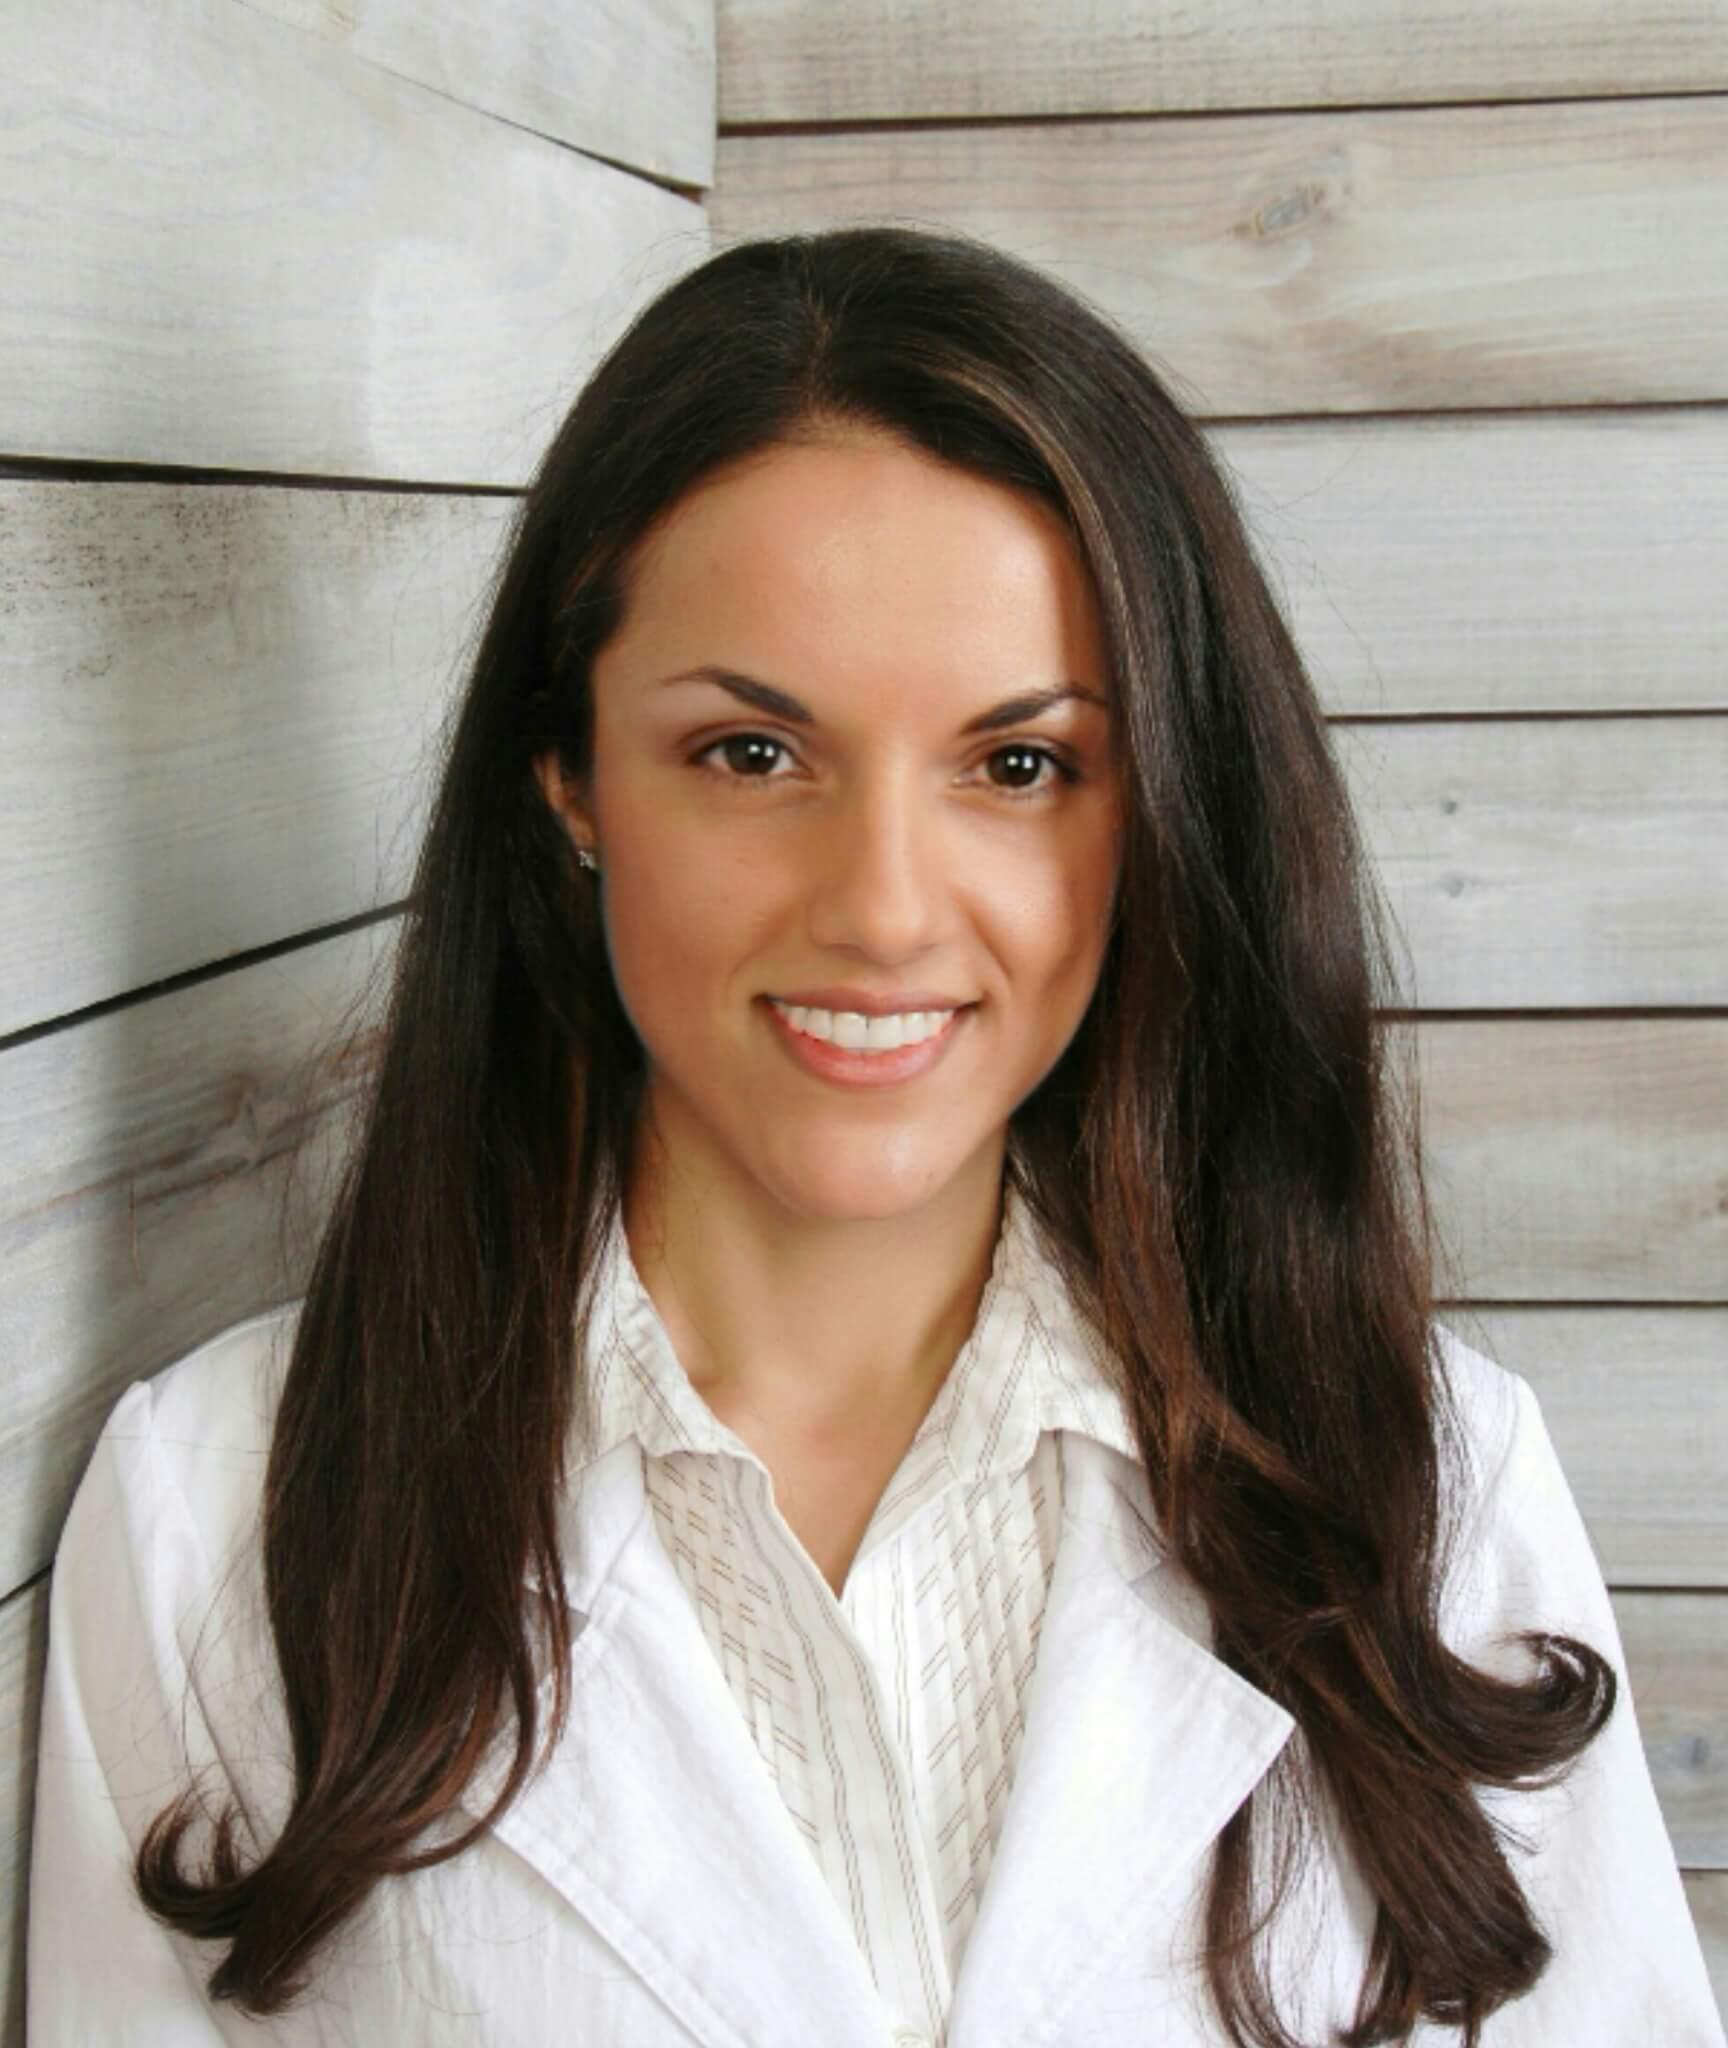 Mona Beylin, DDS